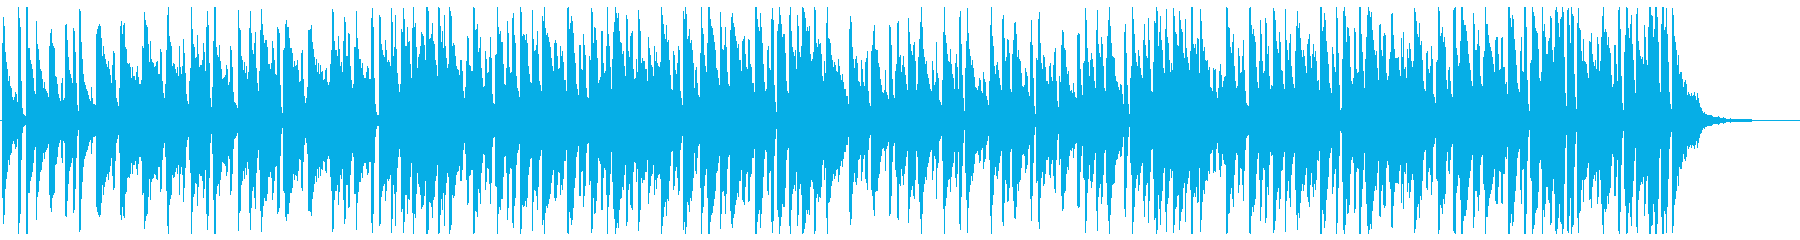 ジングルベル/トランペット/クリスマスの再生済みの波形